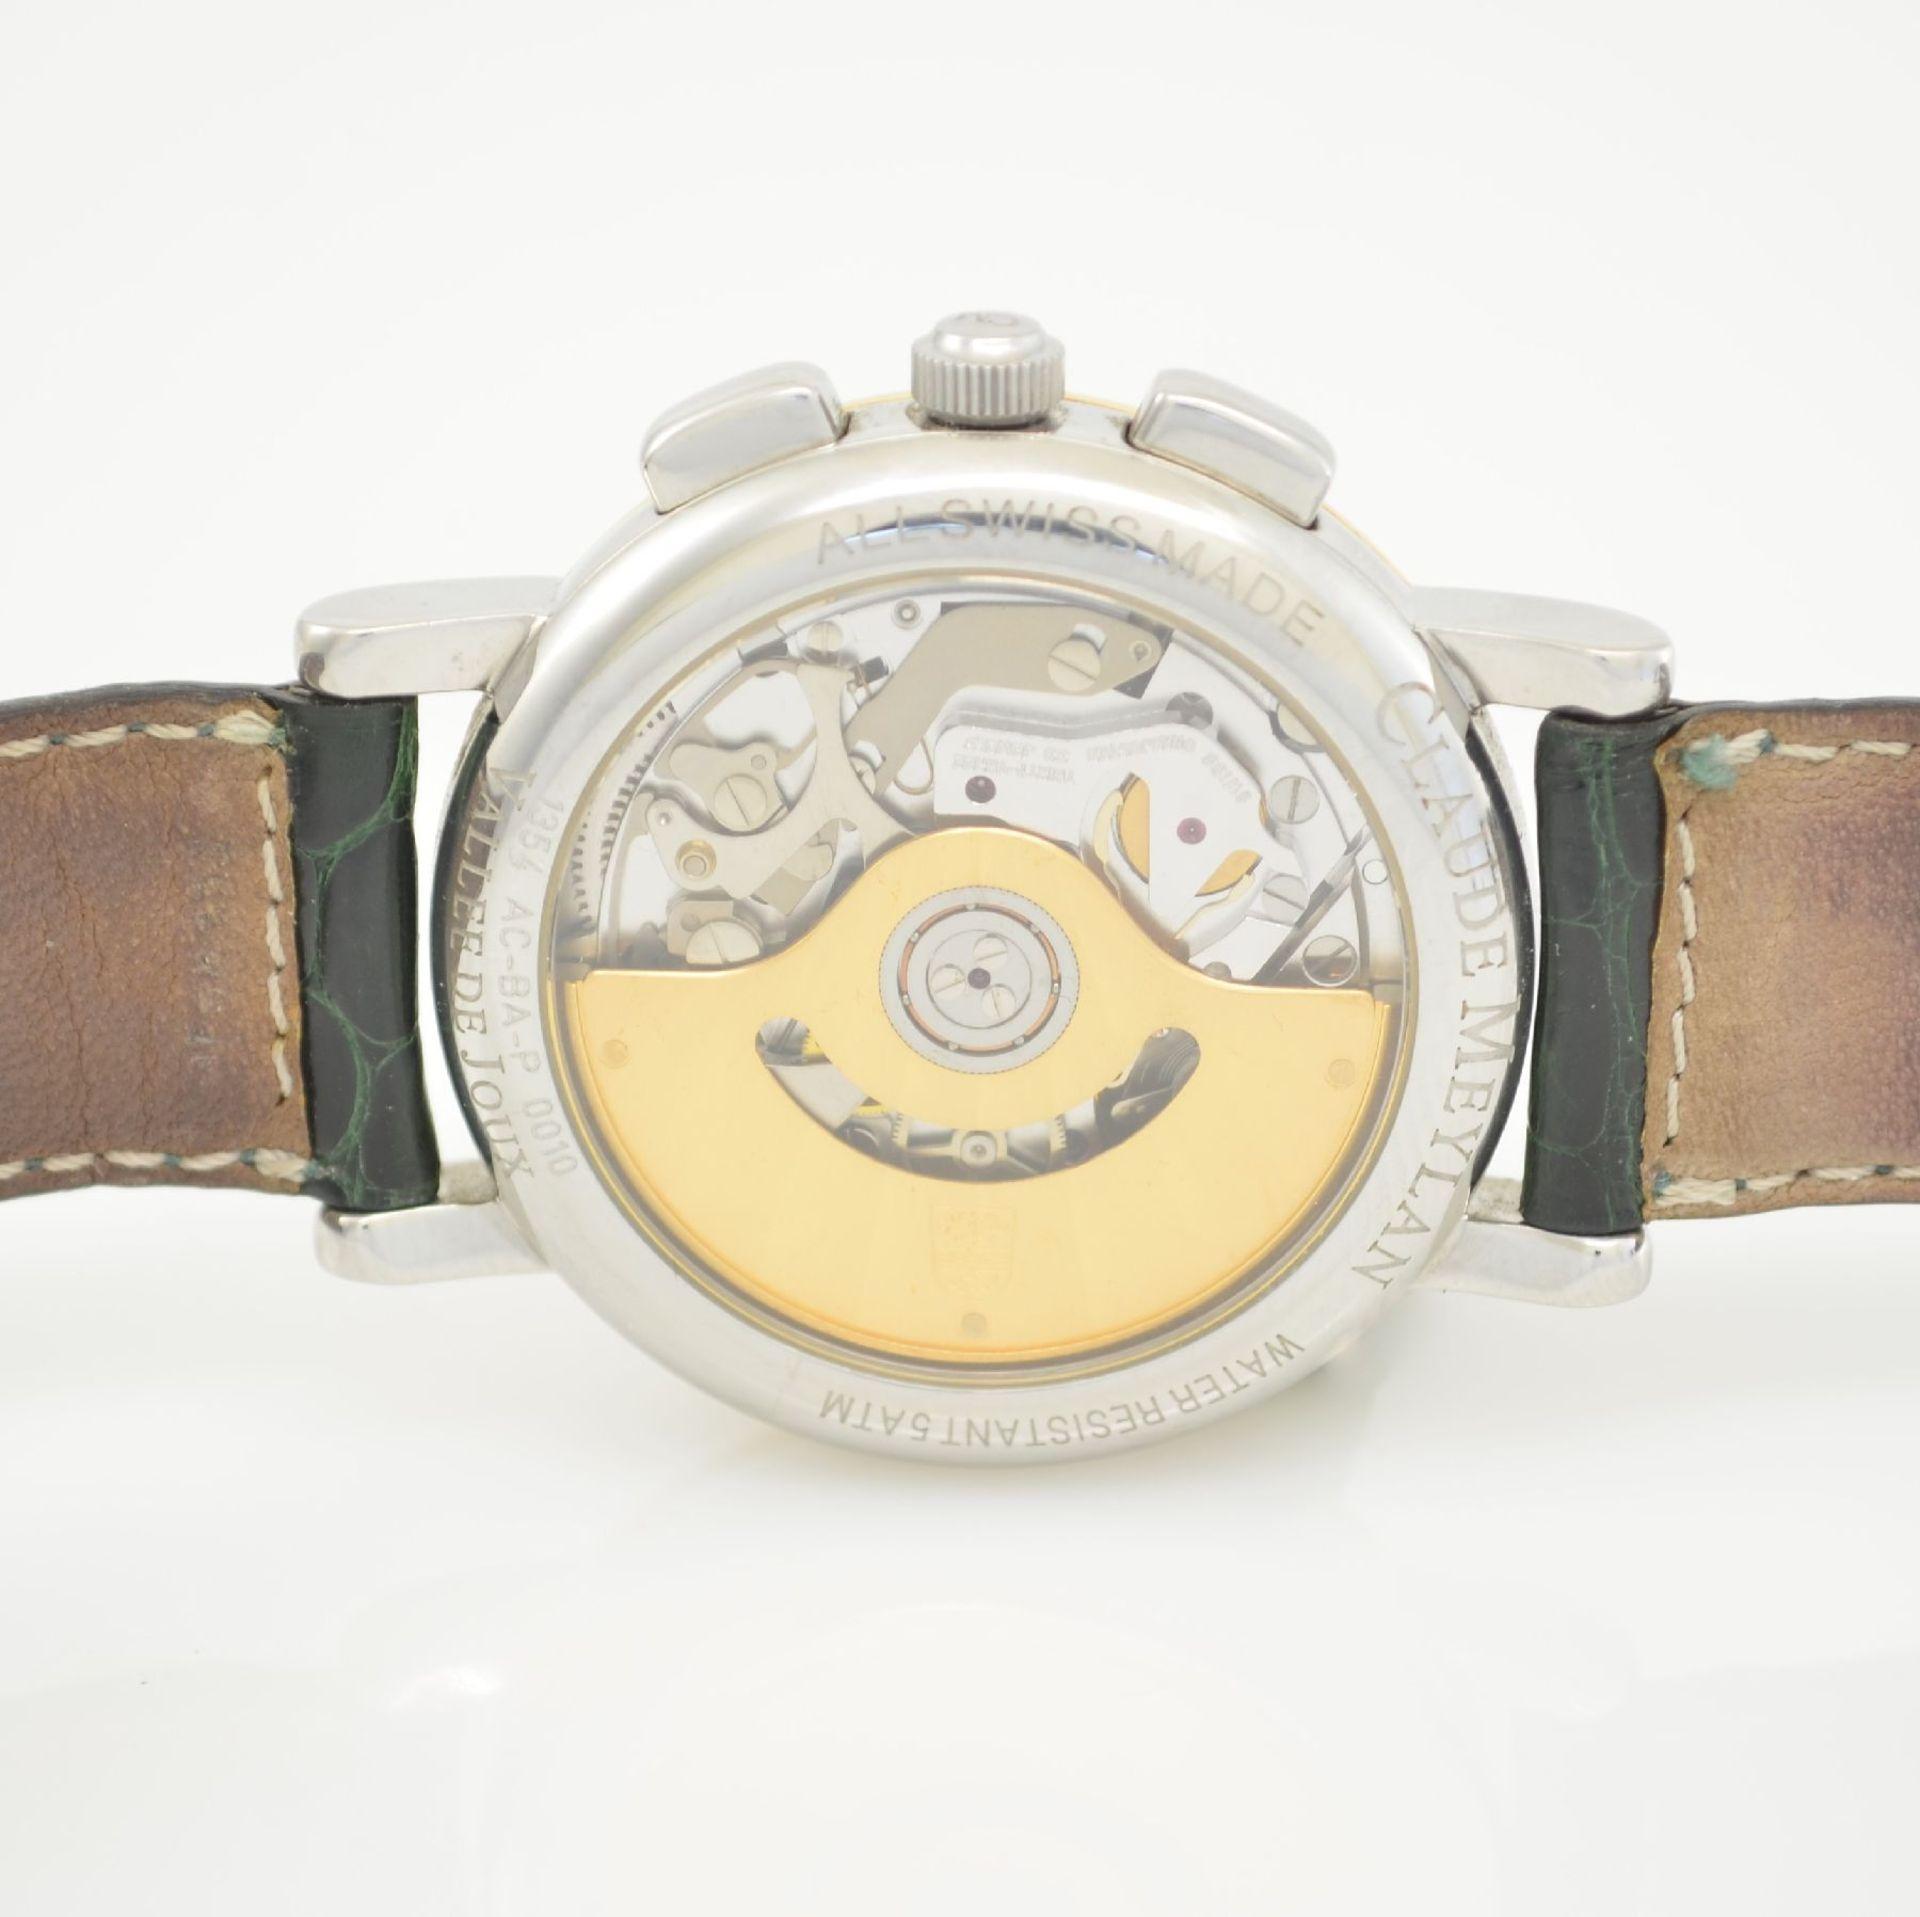 CLAUDE MEYLAN Herrenarmbanduhr mit Chronograph, Schweiz um 1995, Edelstahl/Gold kombiniert, beids. - Bild 6 aus 6